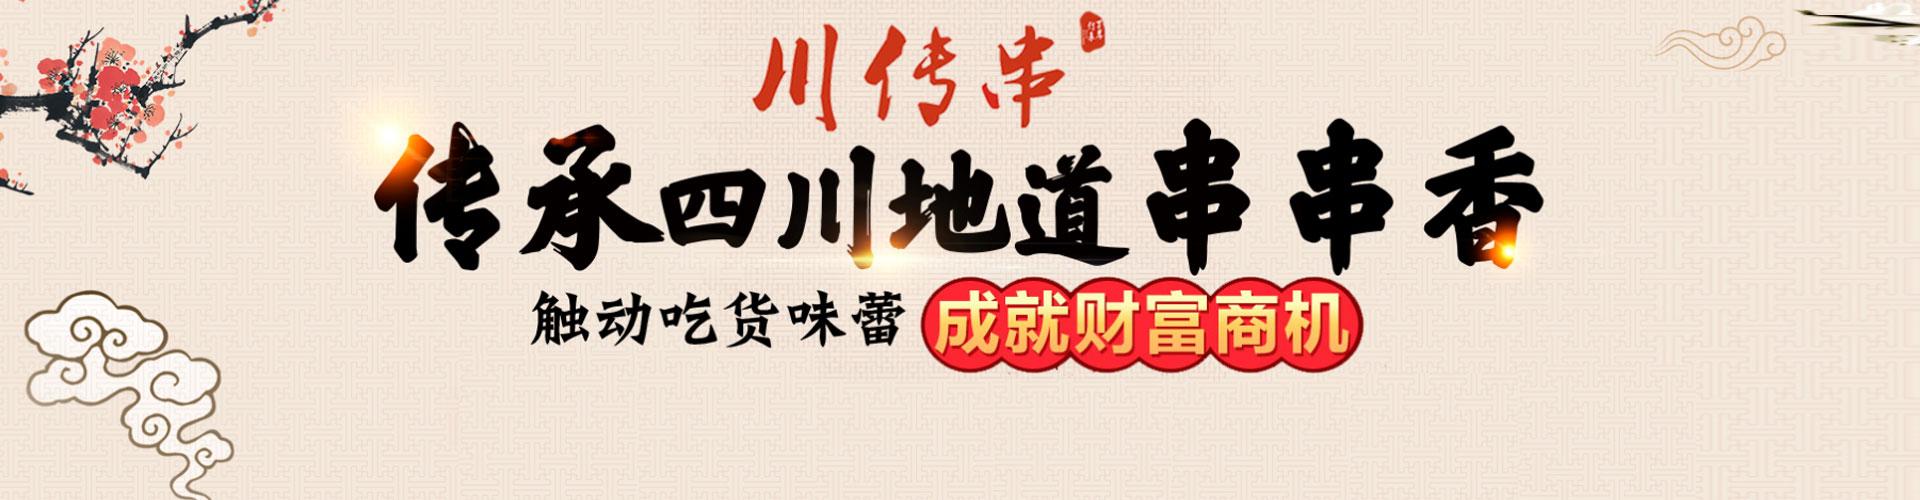 串串香火锅加盟